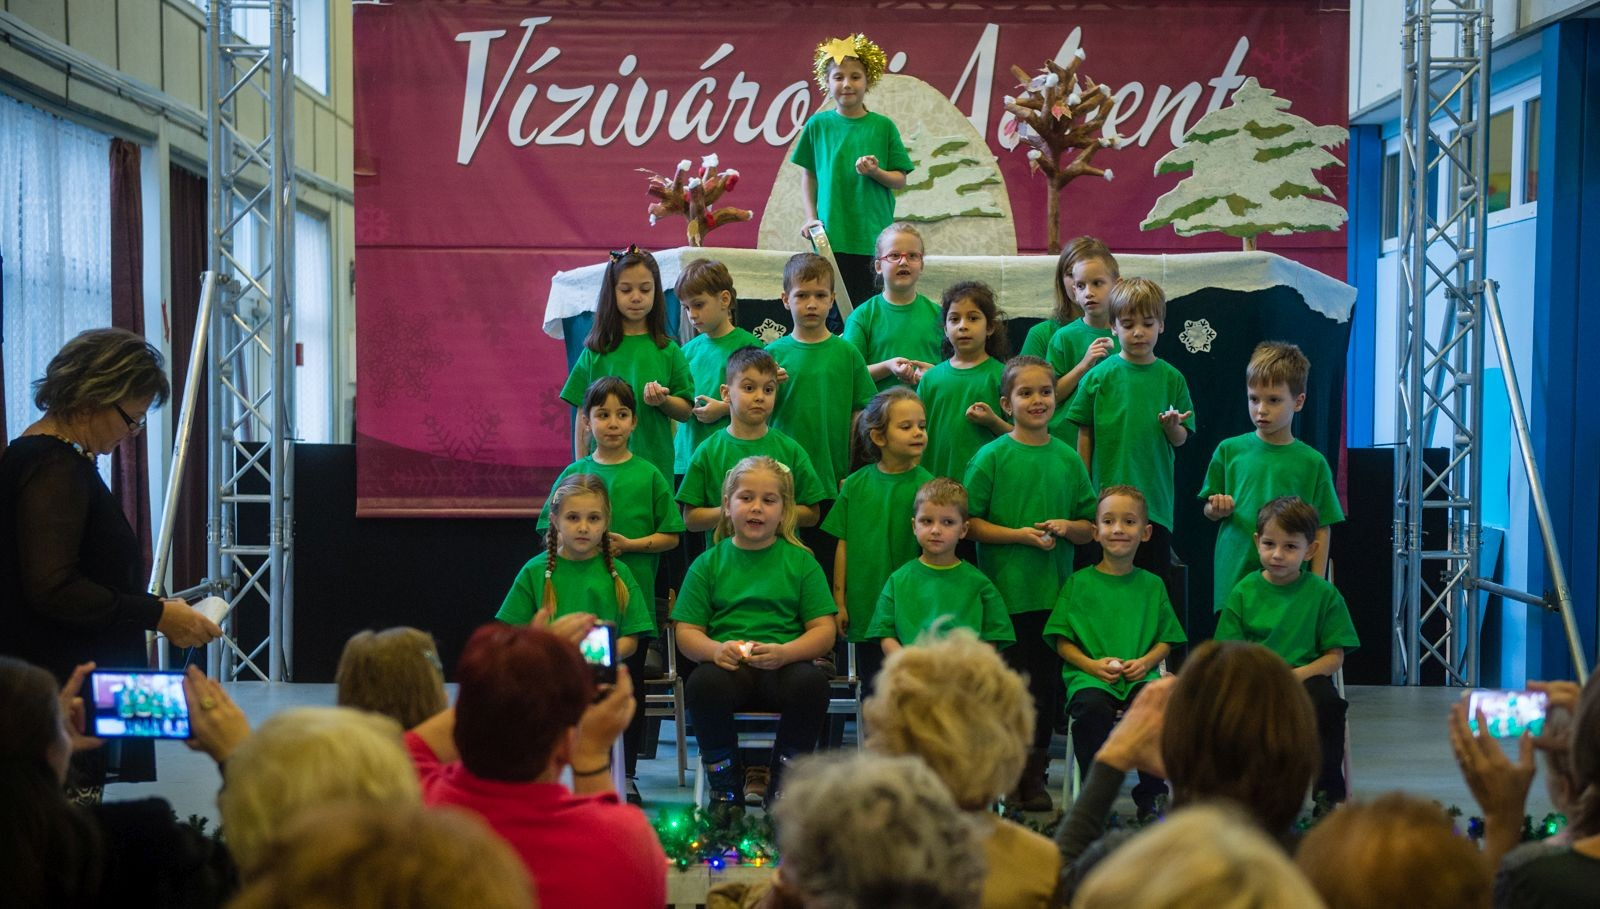 Felsővárosi vendégek fellépésével kezdődött el a Vízivárosi Advent Székesfehérváron